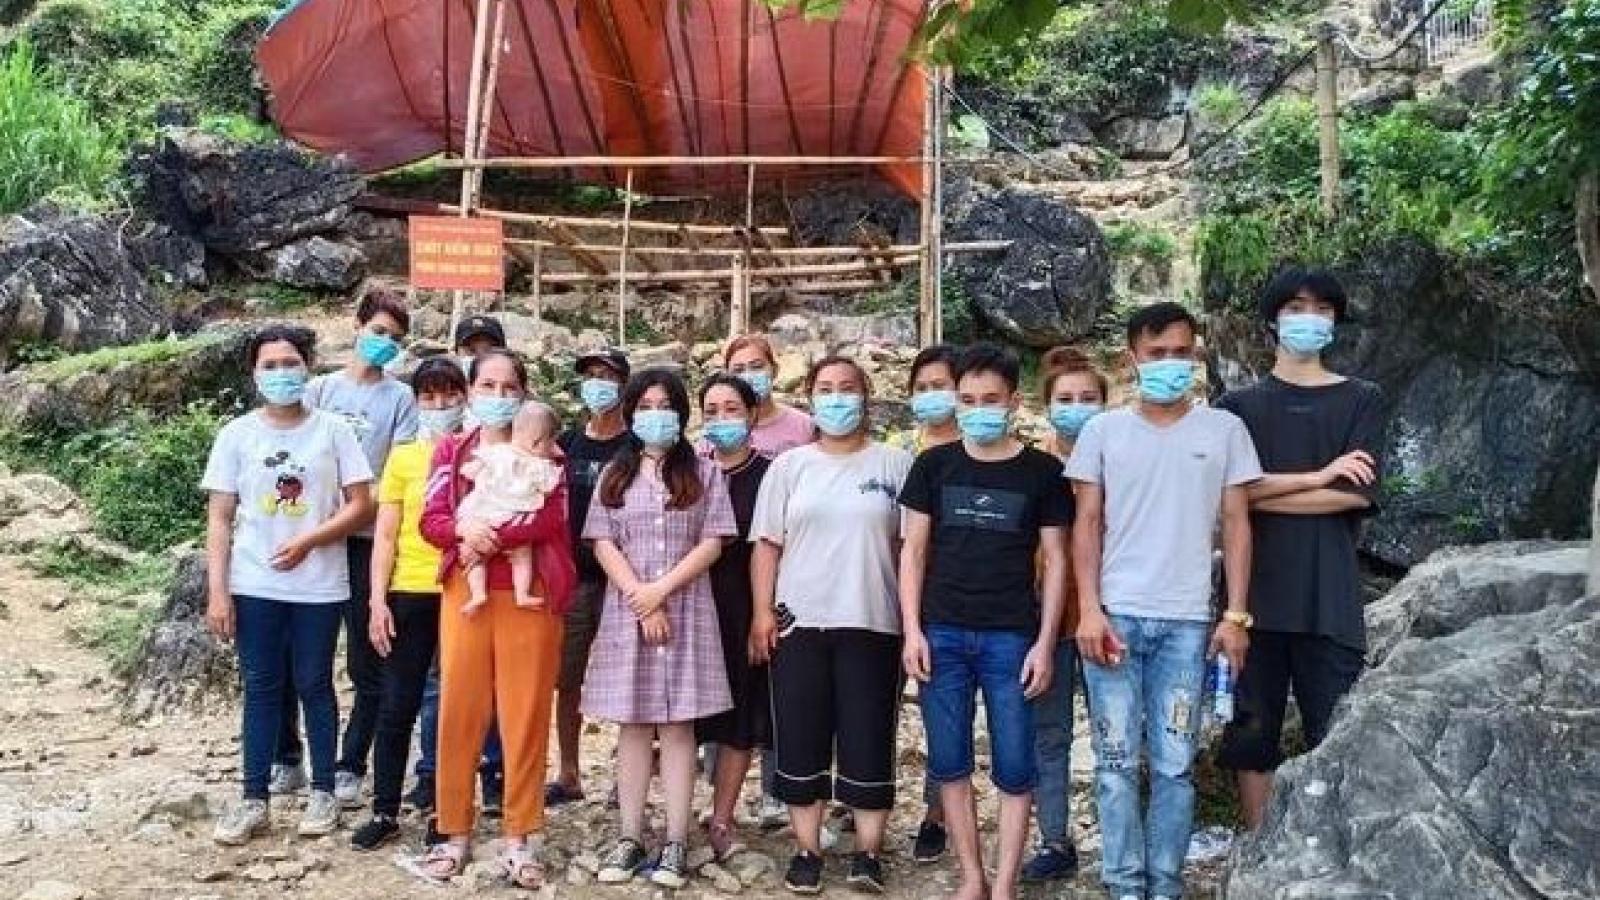 16 người nhập cảnh trái phép từ Trung Quốc